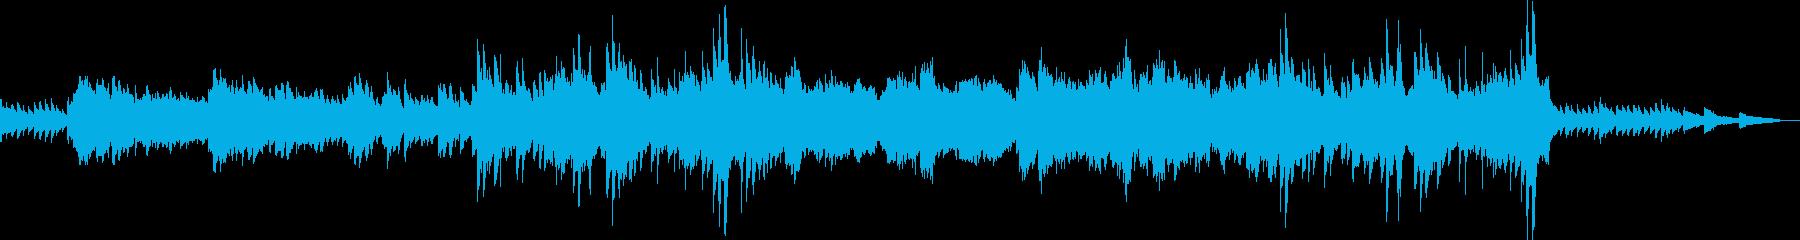 オルゴールのようなピアノが印象的な曲の再生済みの波形